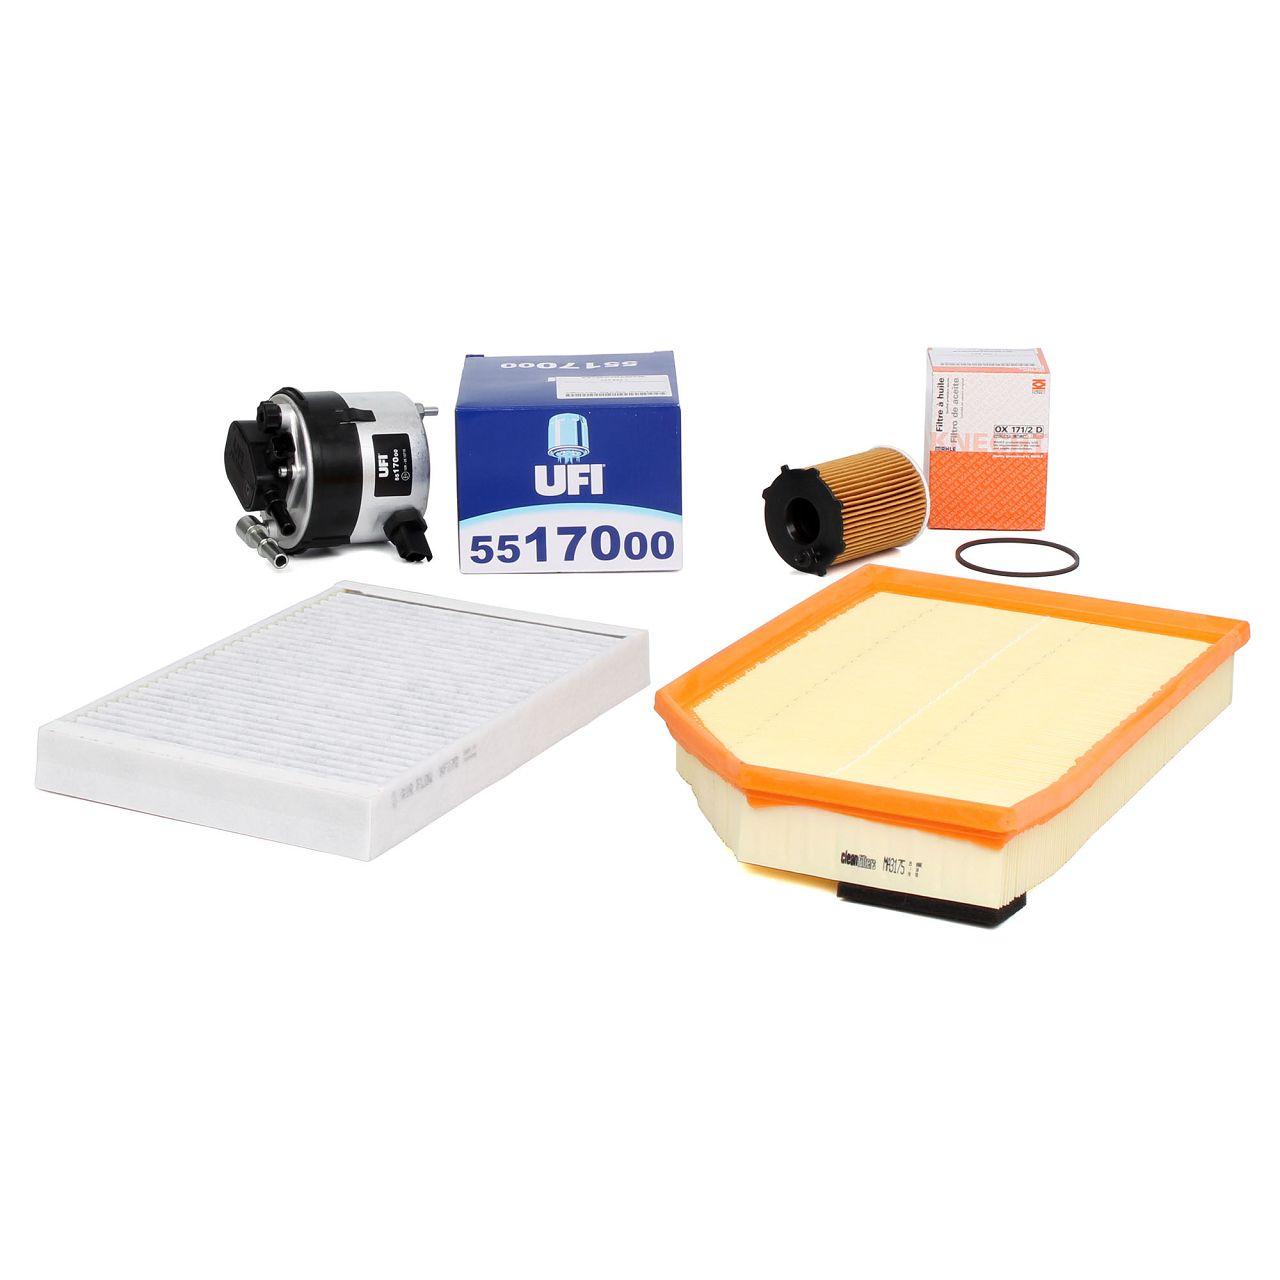 Inspektionskit Filterpaket für VOLVO S80 II 1.6 D DRIVe + V70 III 1.6 D 109 PS